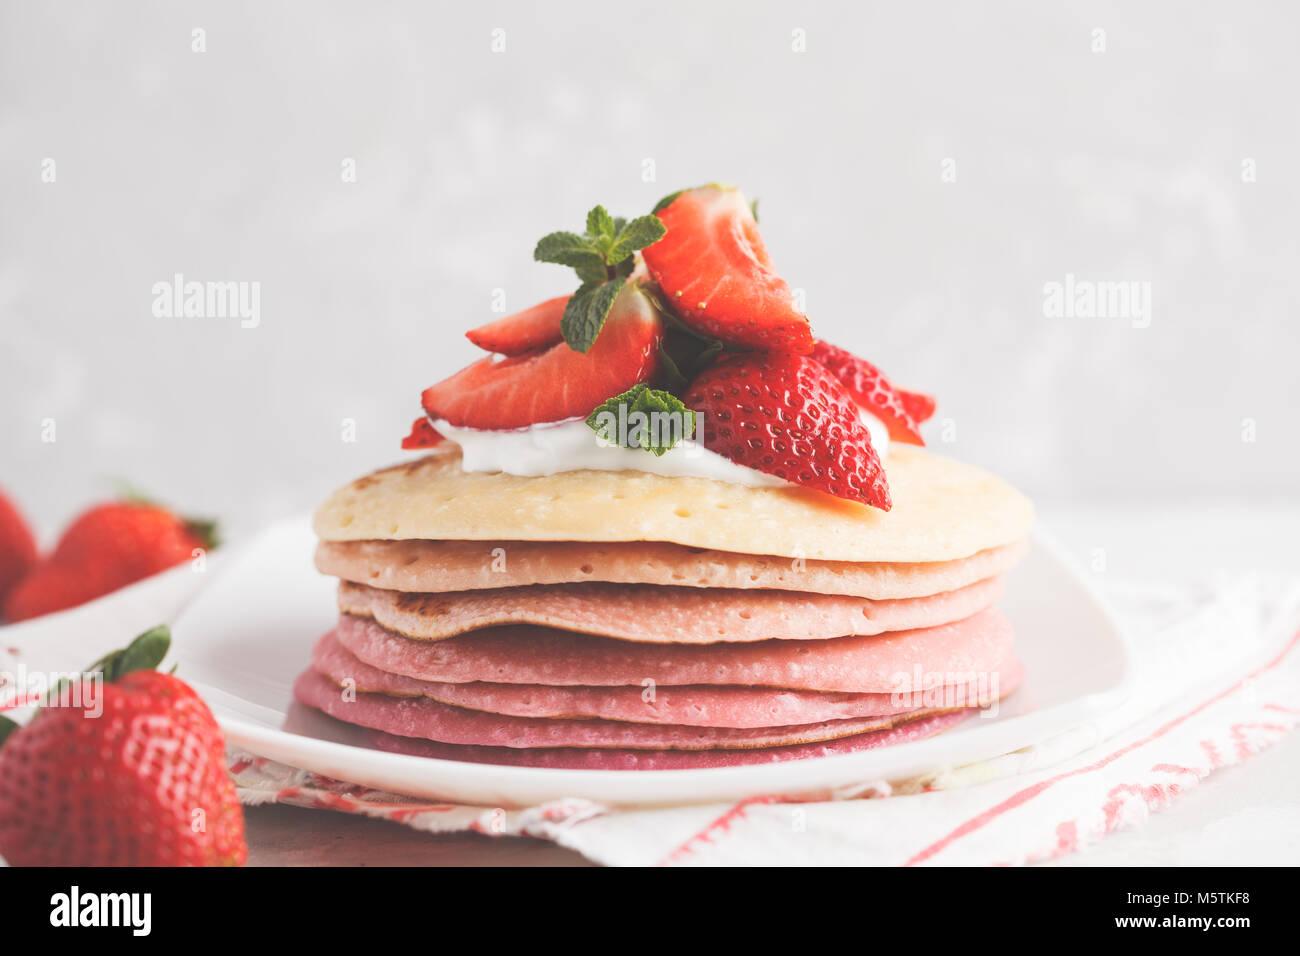 Pila de rosa ombre tortitas con fresa. Desayuno antecedentes, copia el espacio. Imagen De Stock